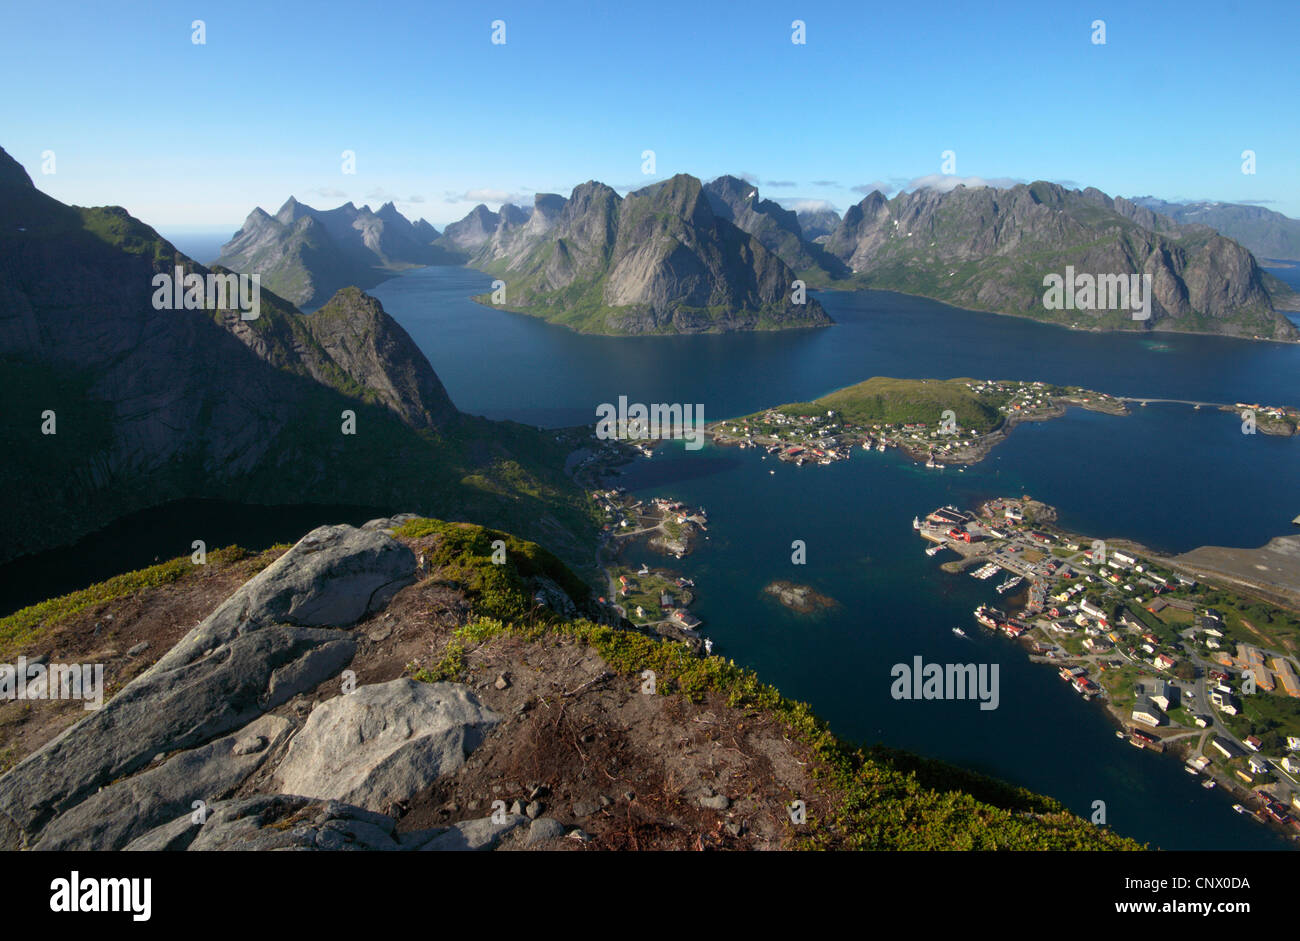 Reinefiord (Kjerkfiorden), view from Reinebringen with Reine and Olstinden, Norway, Lofoten Islands, Moskenesy Stock Photo